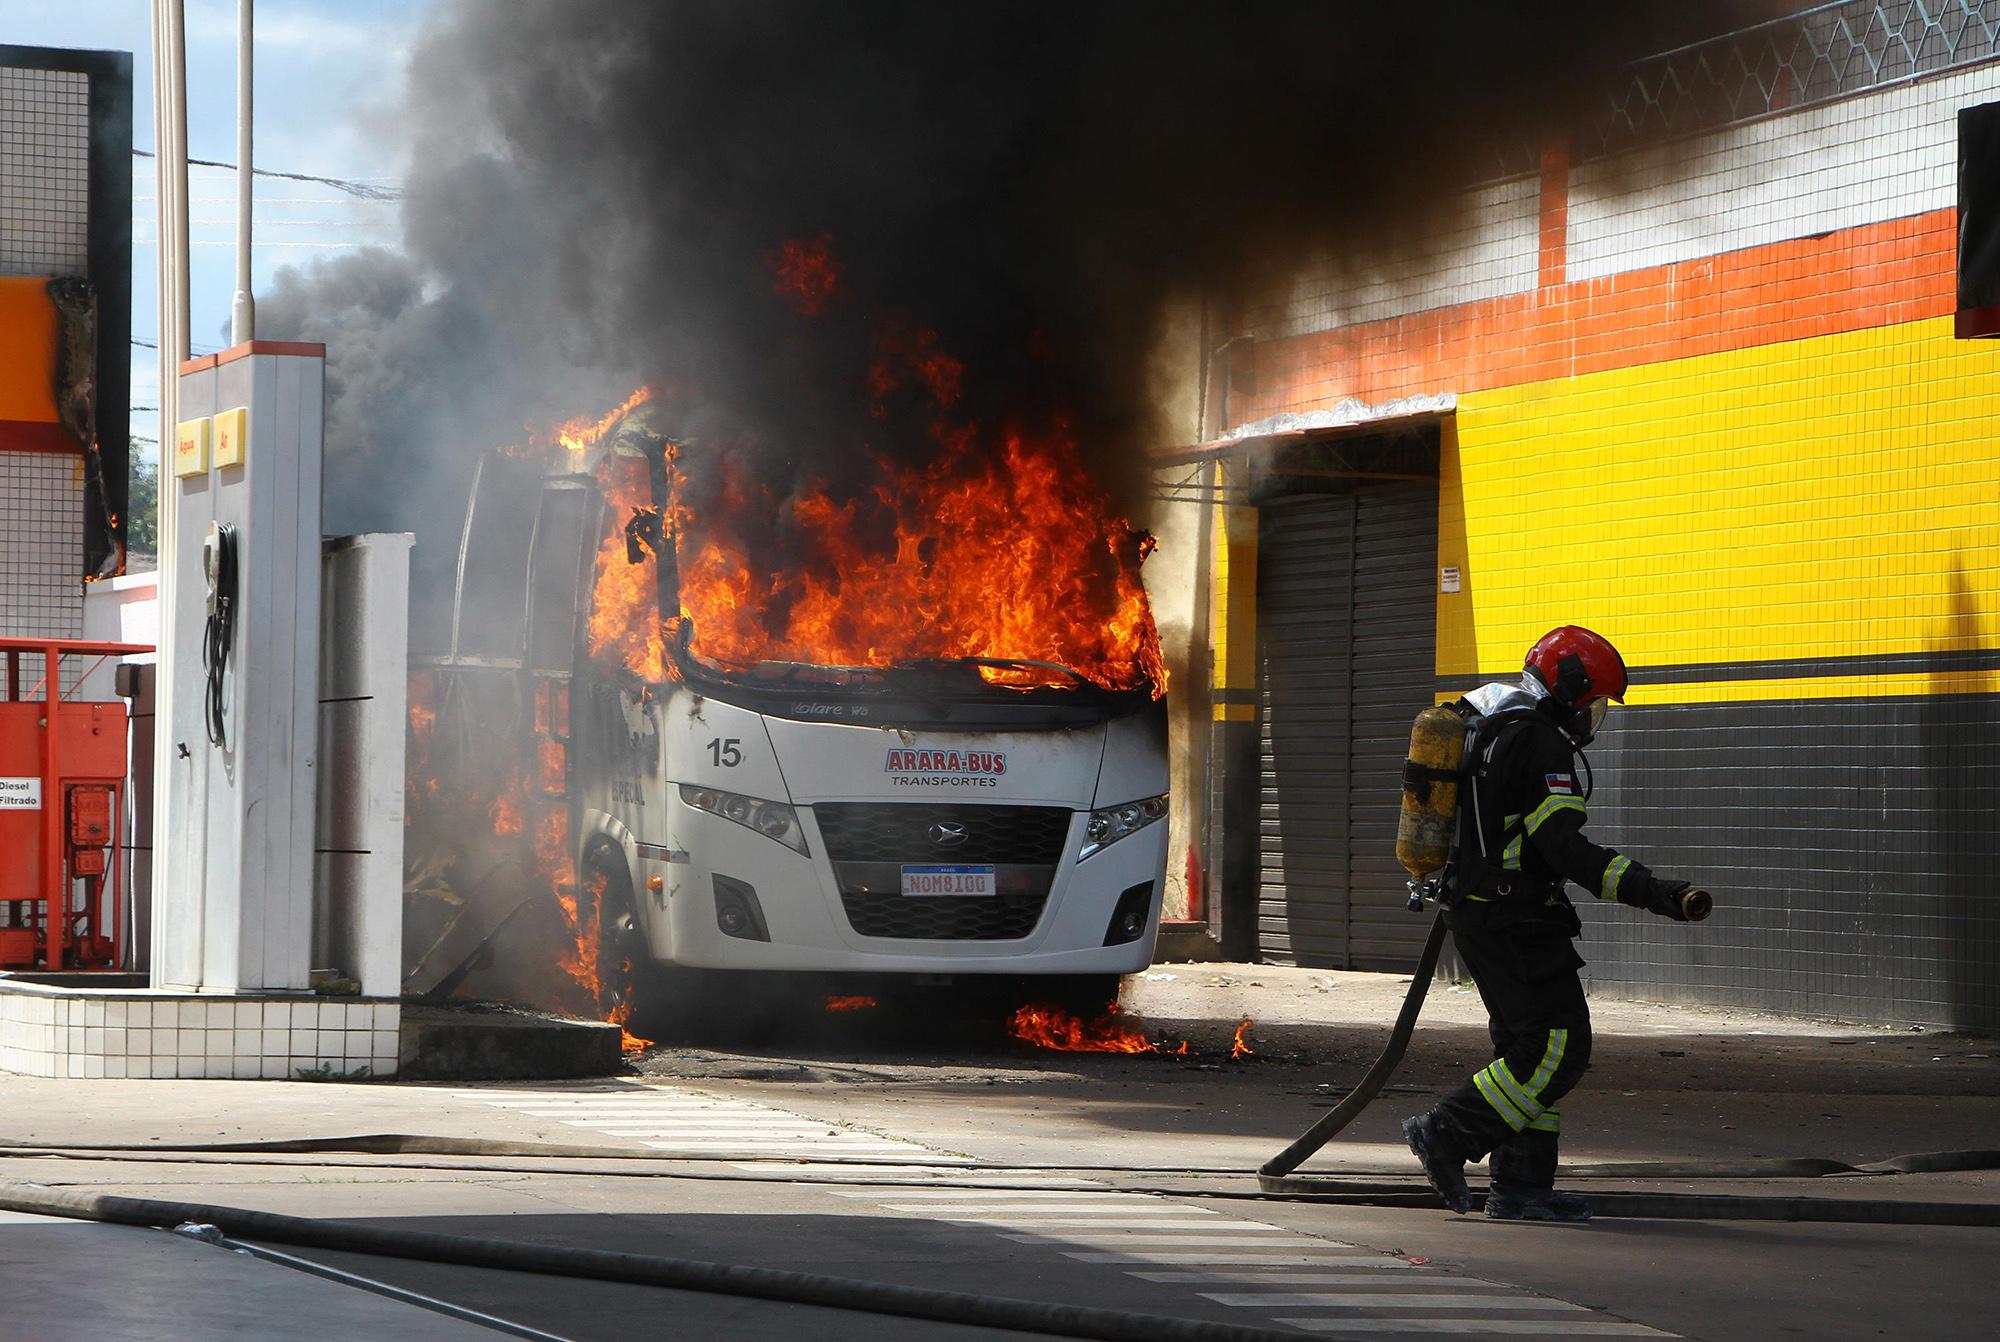 Sob ataque de facção, prefeito de Manaus pede Exército nas ruas. Escolas e  indústrias estão suspensas